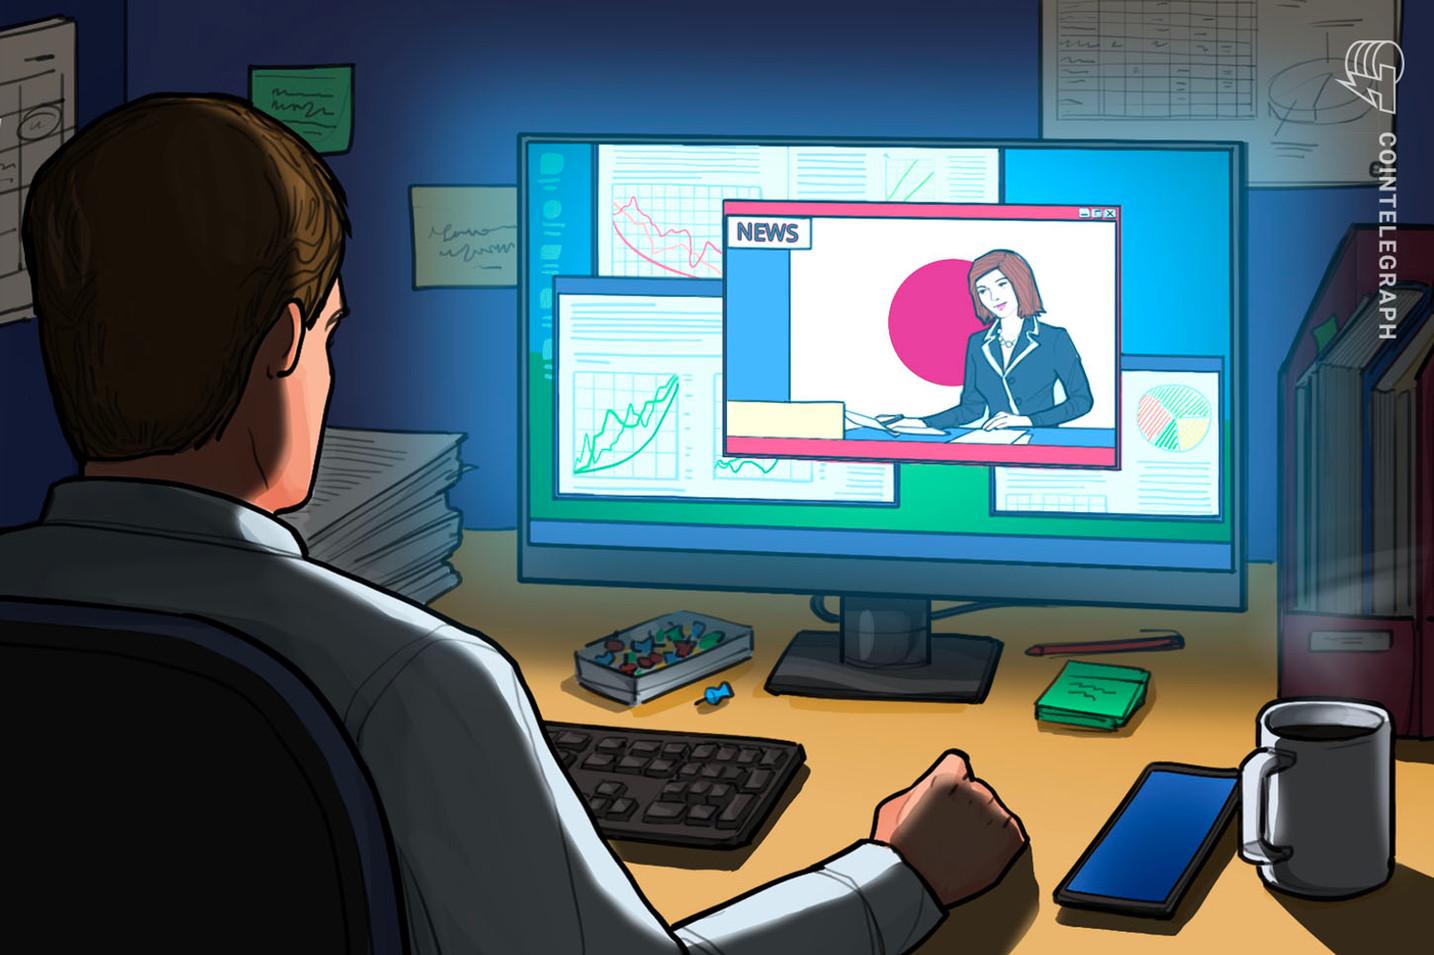 金融庁がバイナンスに再び警告、無登録で仮想通貨取引を提供